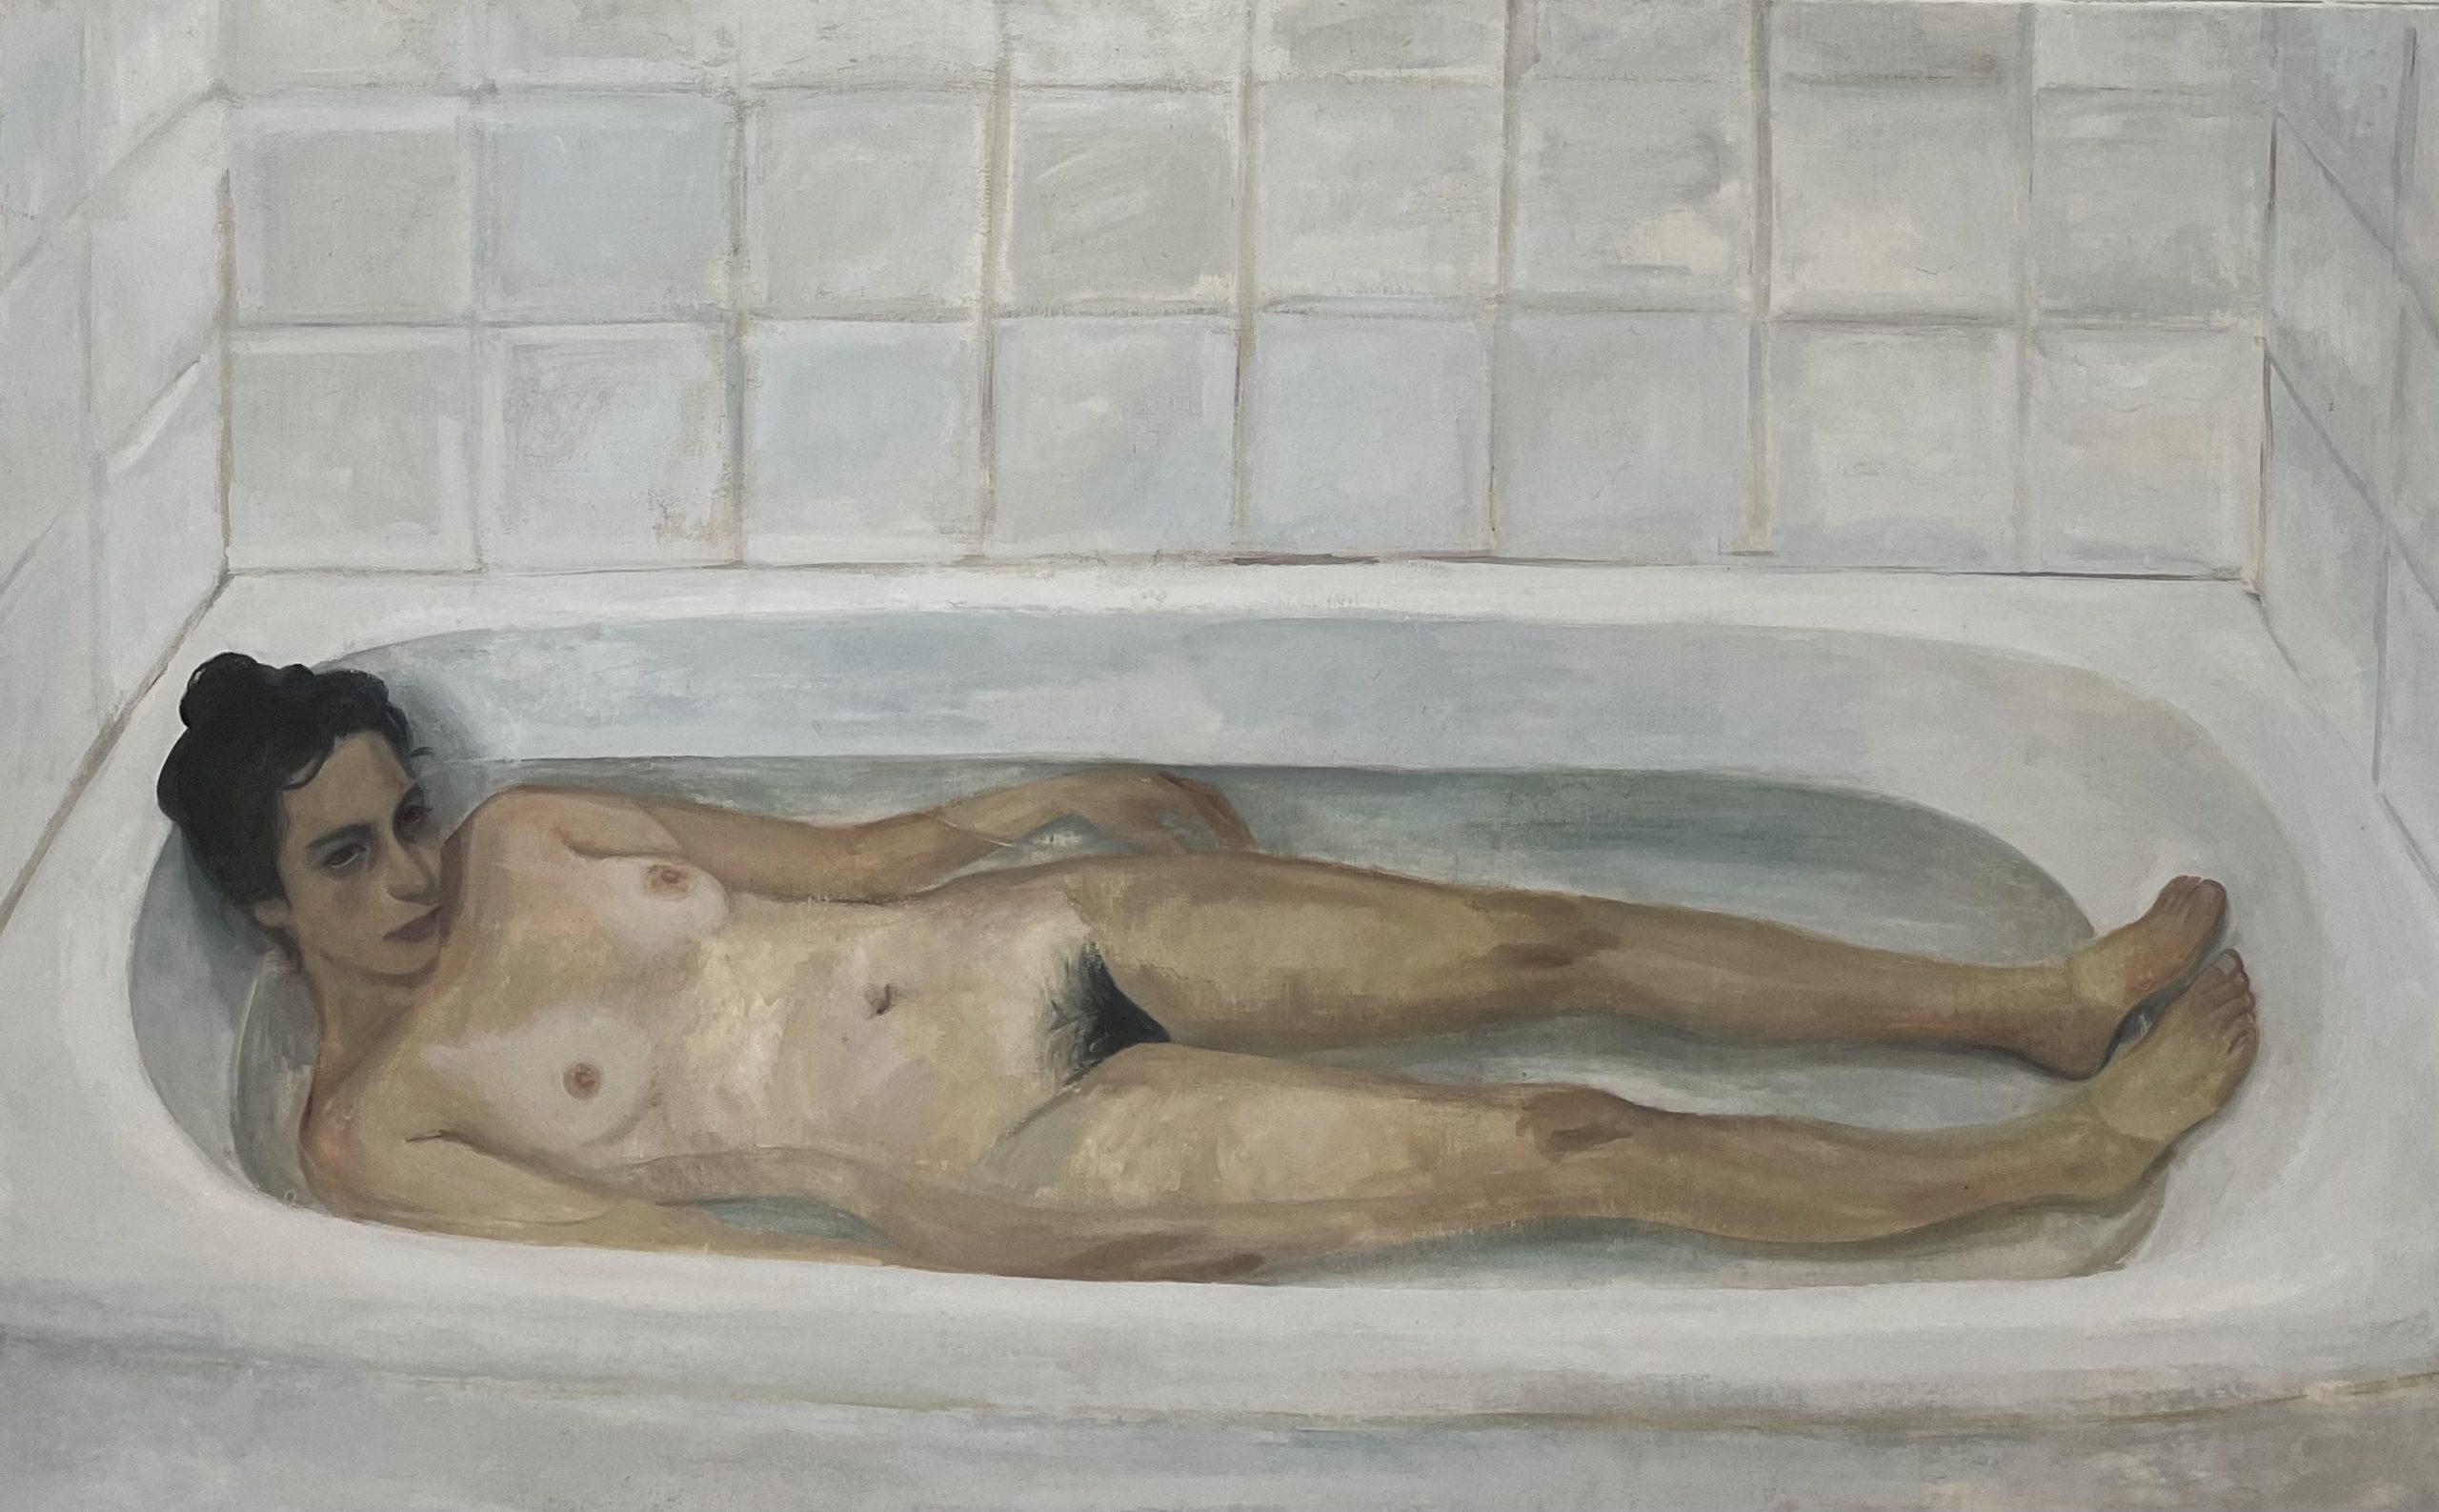 Elene dans la baignoire, 2021, huile sur toile, 73 x 116 cm